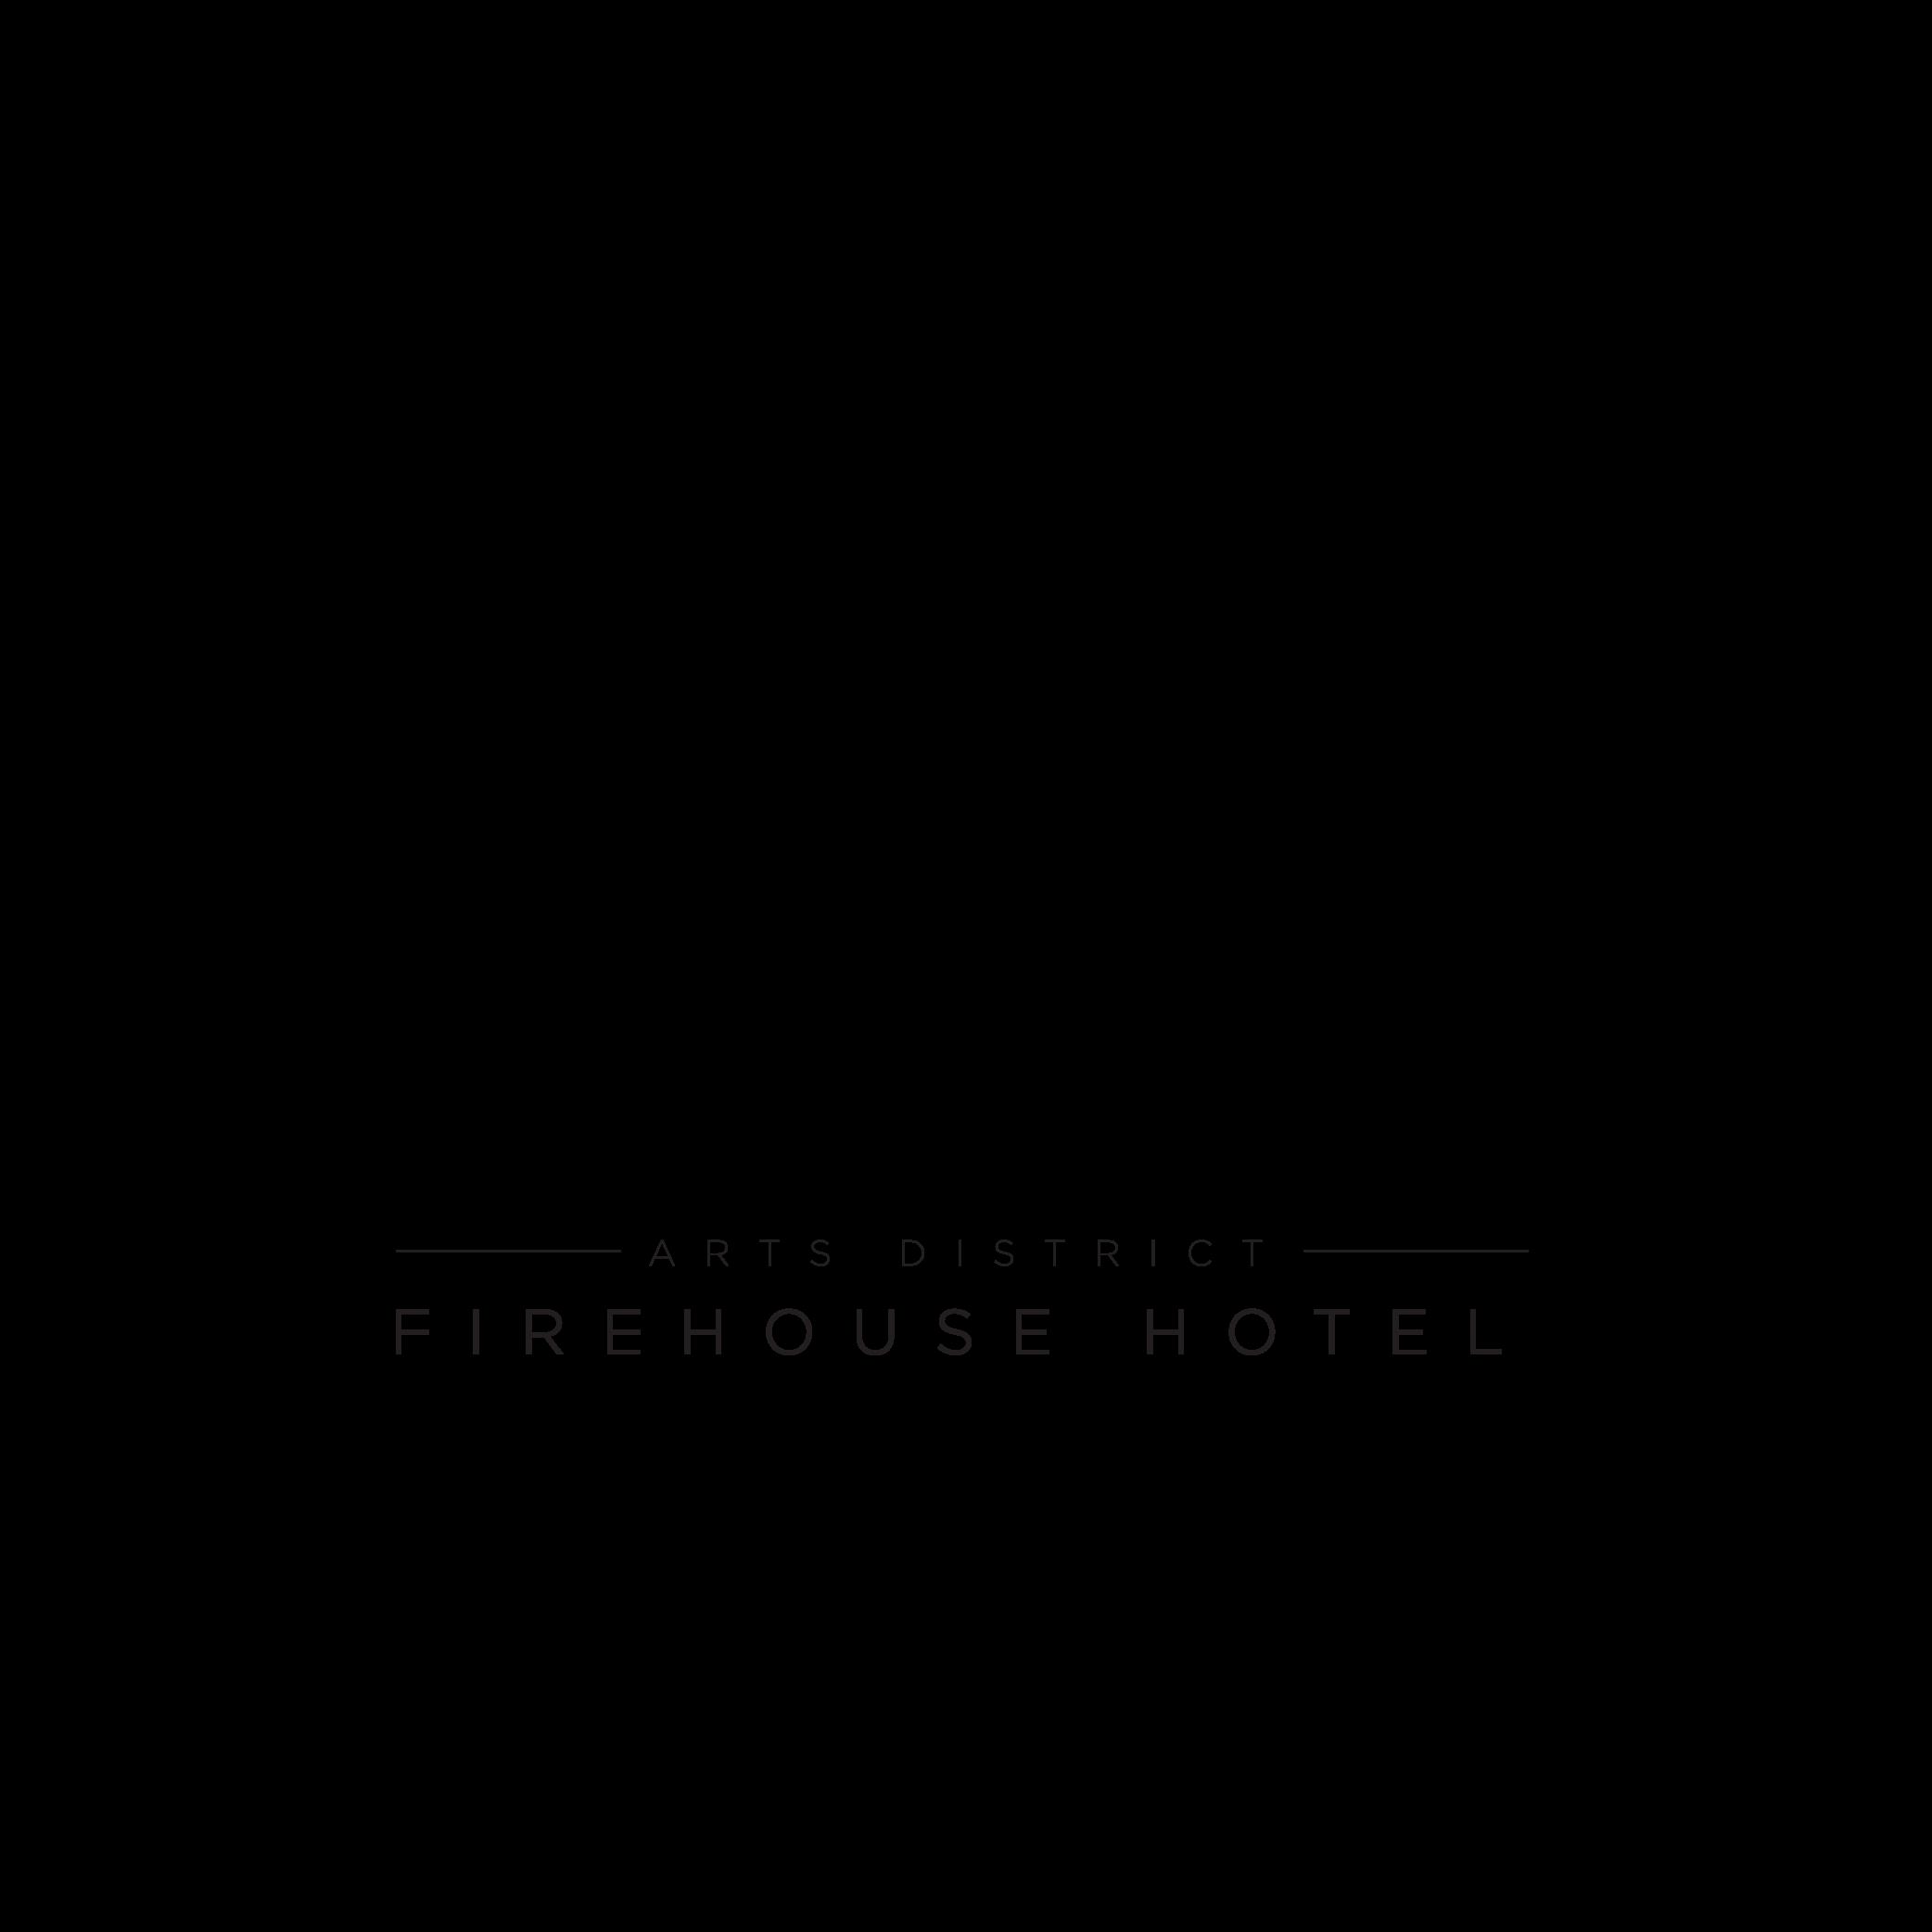 photo + social for @firehousehotel, 2019